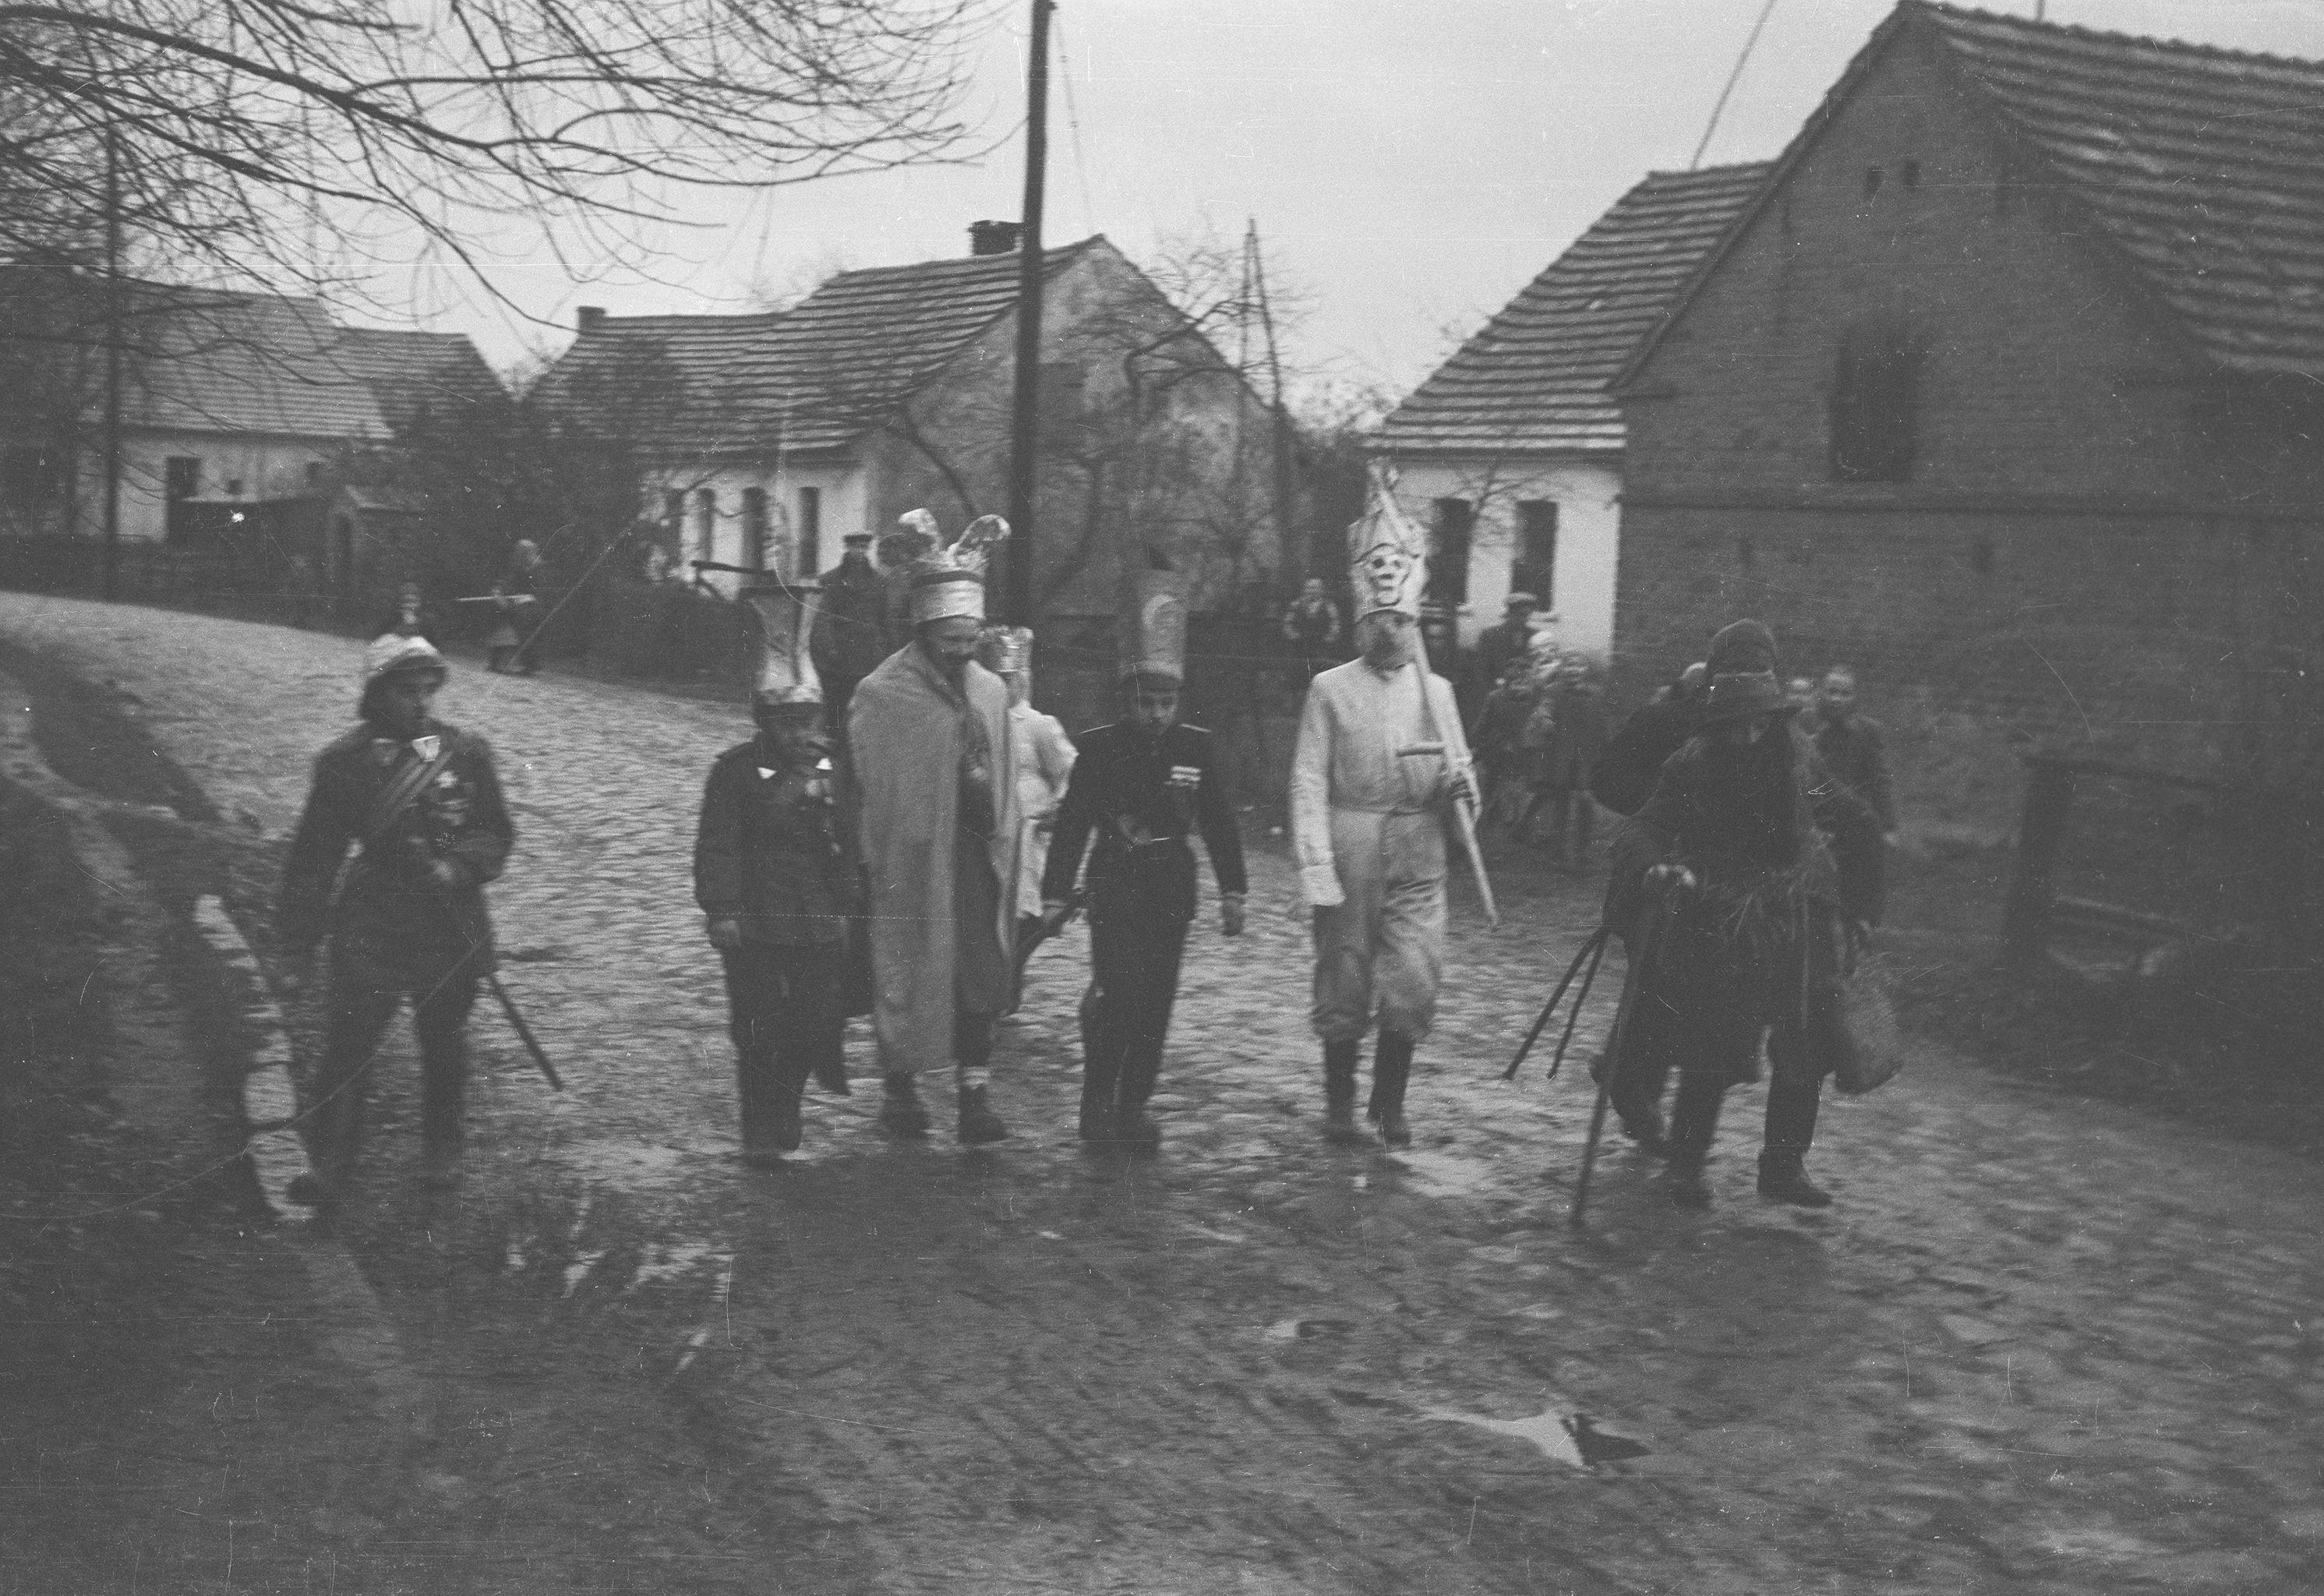 Grupa kolędnicza w drodze, Brzózka, Dolny Śląsk, koniec lat 50. XX w.